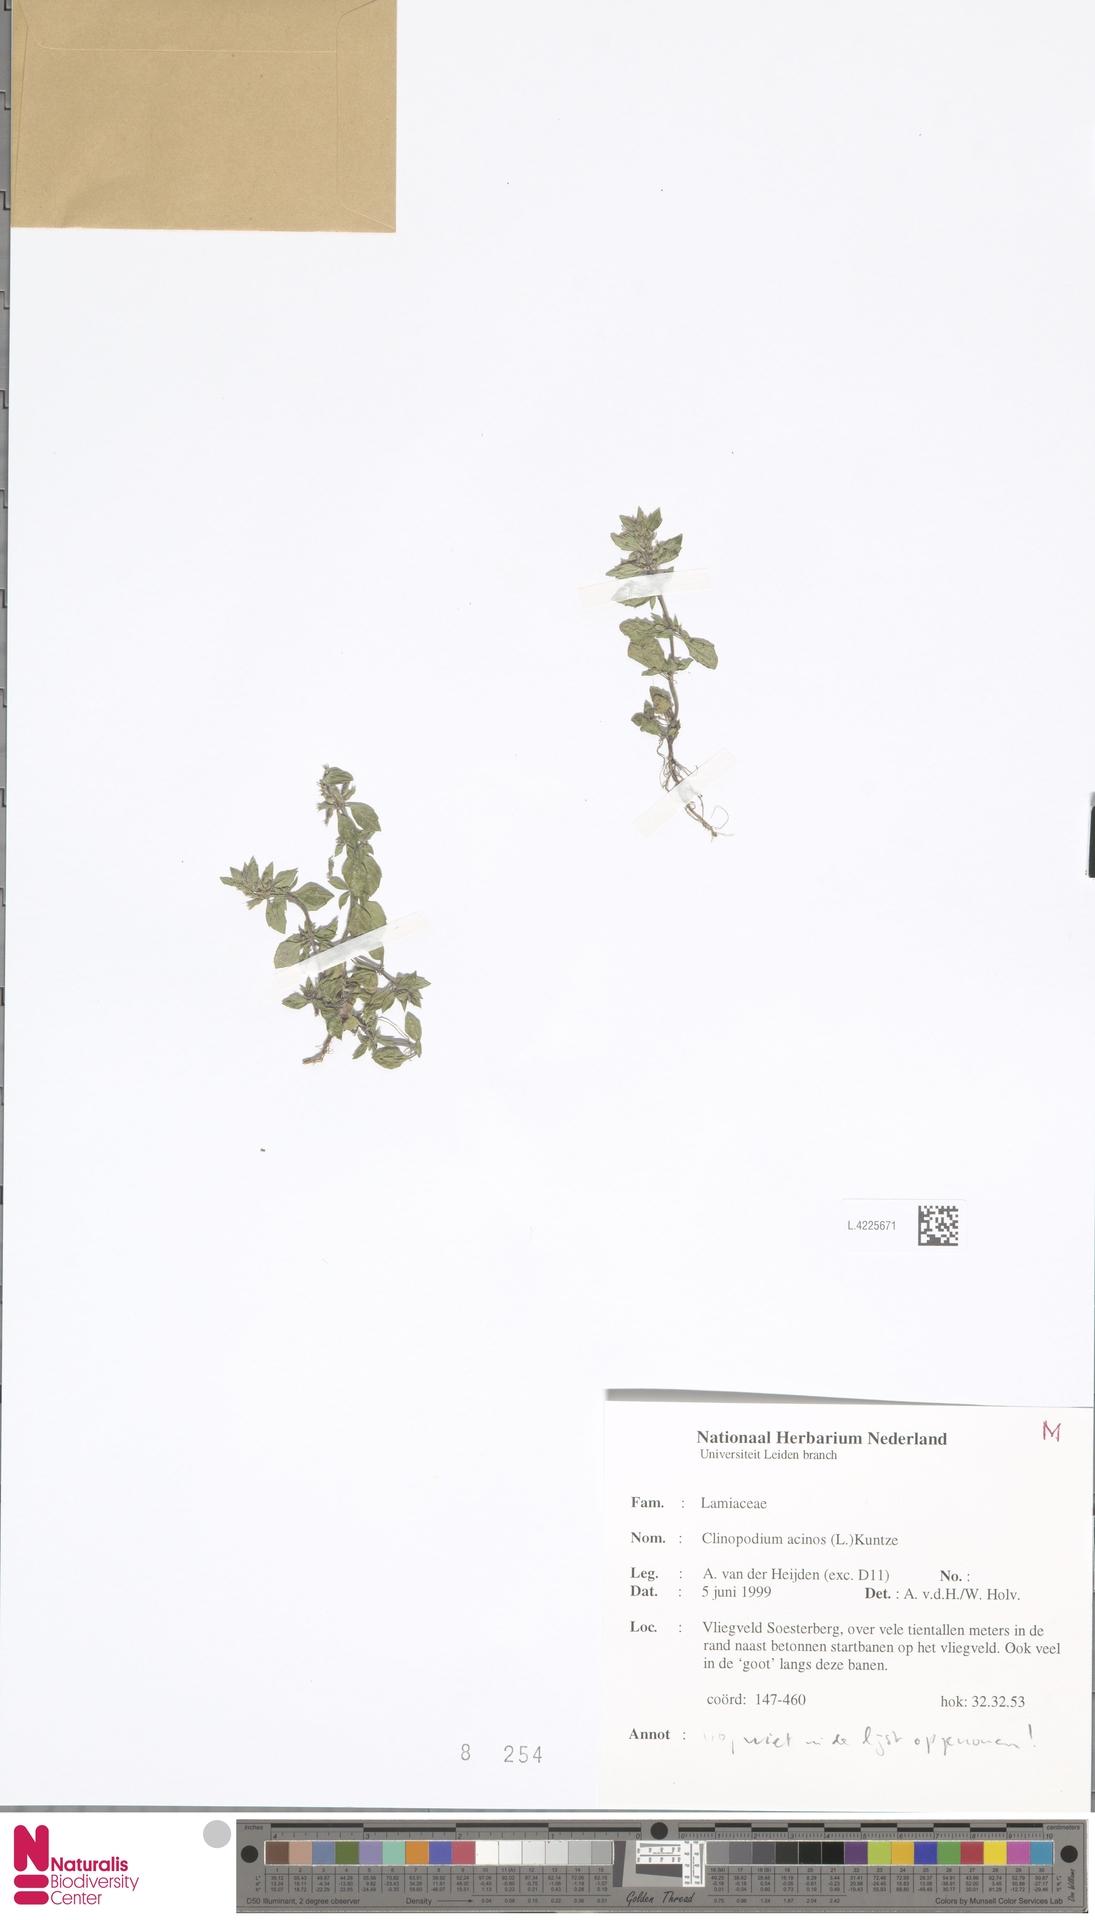 L.4225671 | Clinopodium acinos (L.) Kuntze